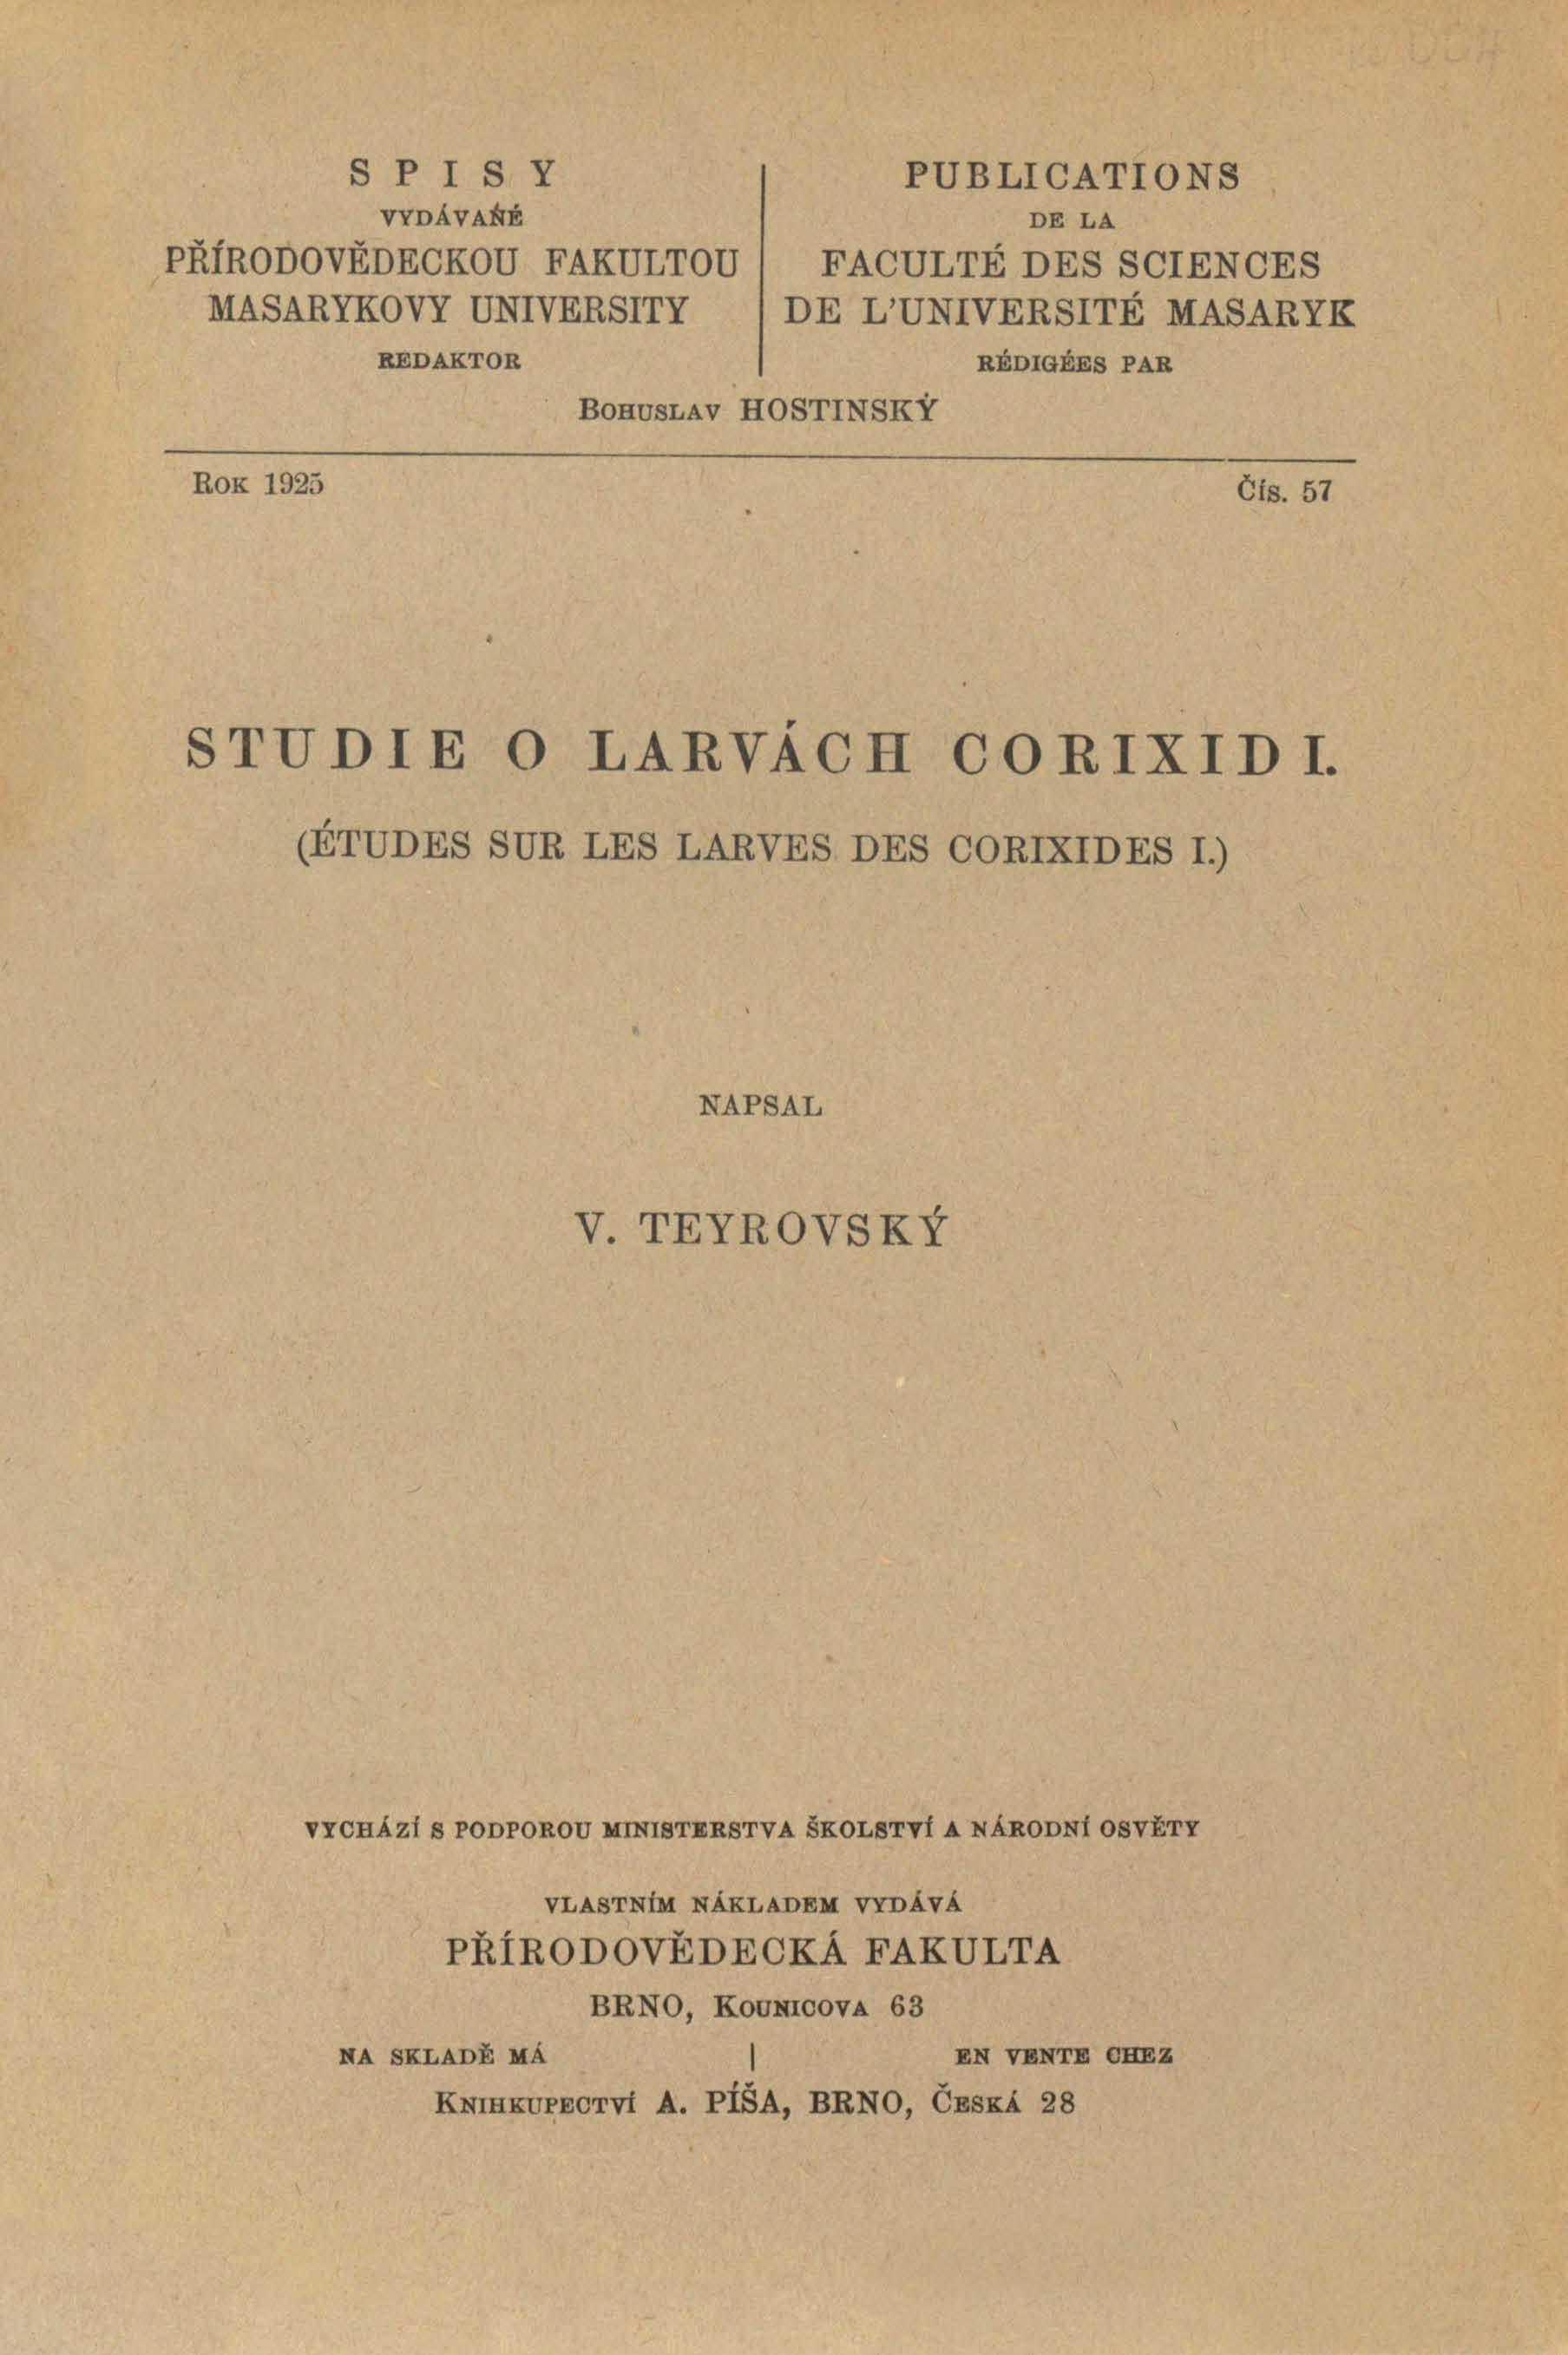 Obálka pro Studie o larvách corixid. I.